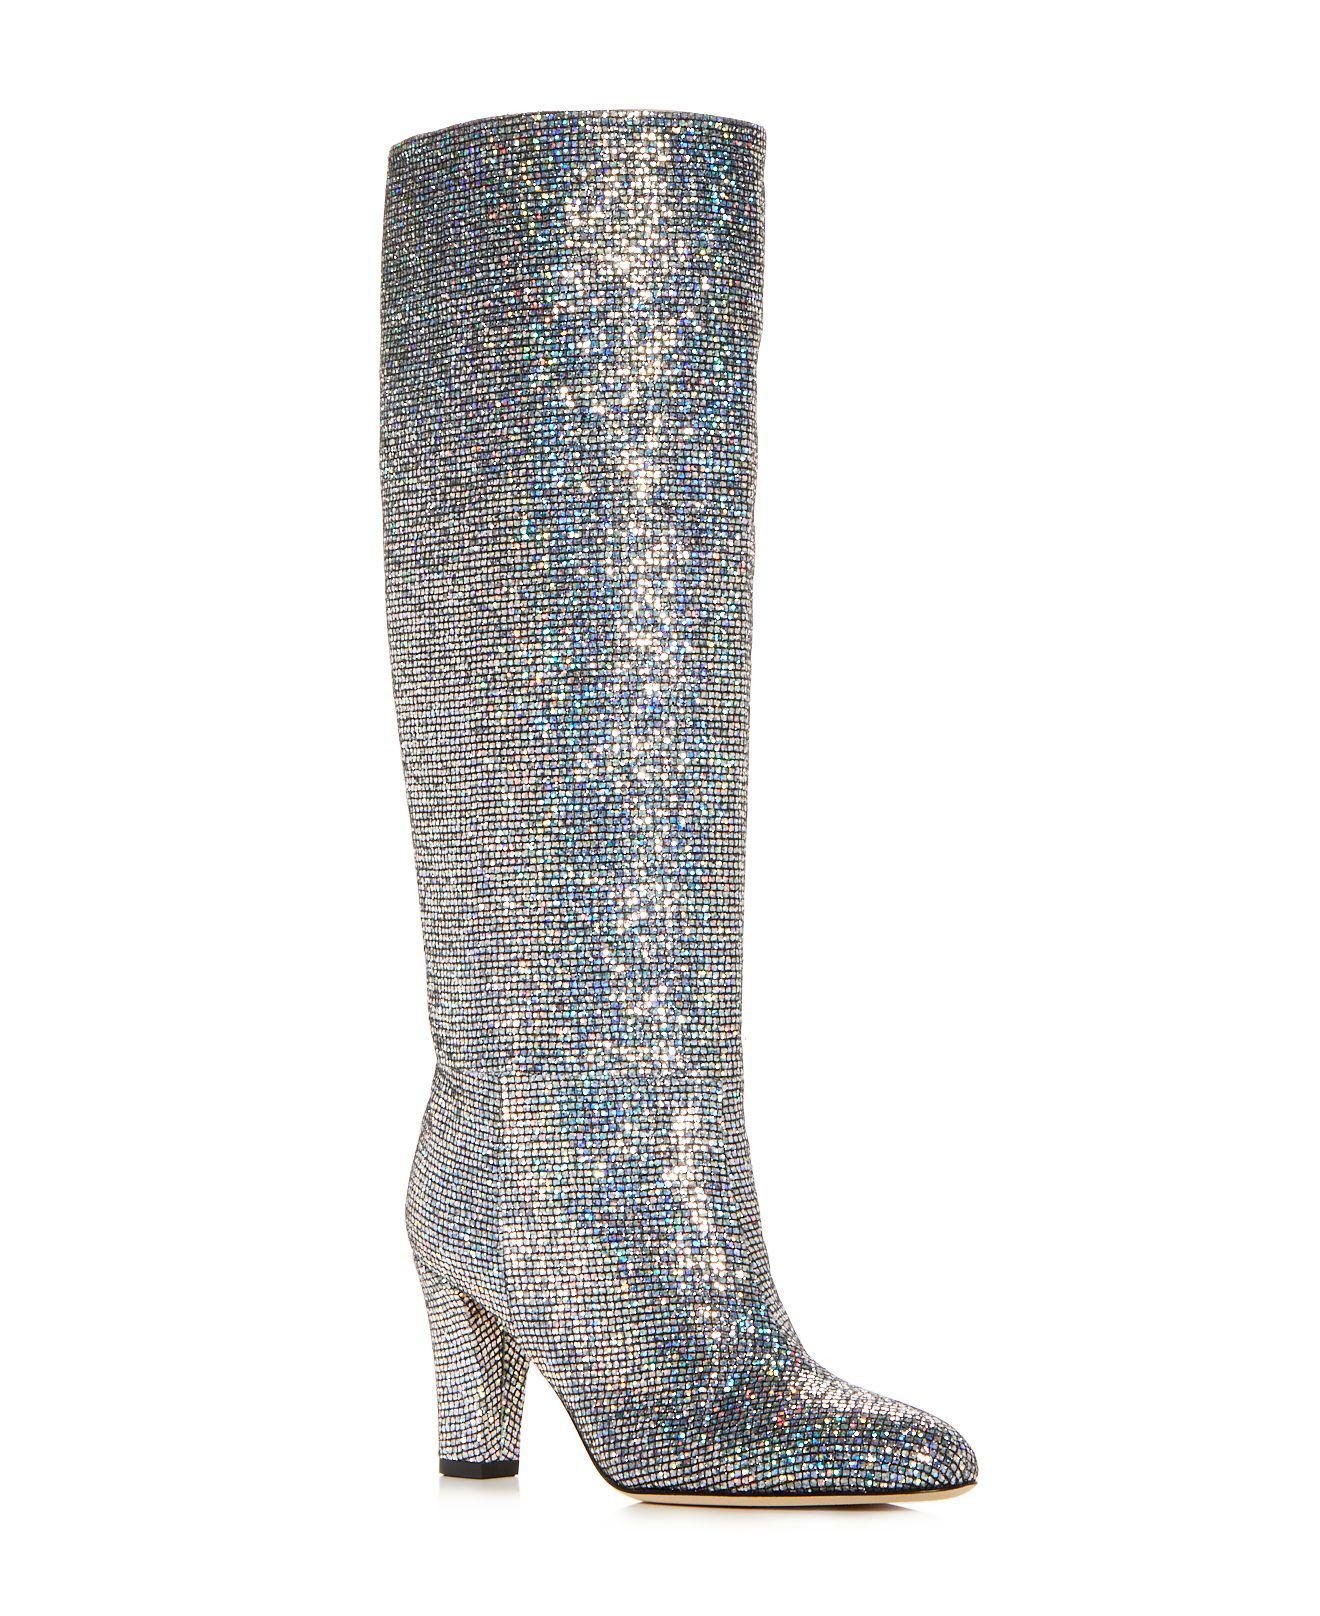 Sjp Women's Studio Glitter High-Heel Boots m52Fadl